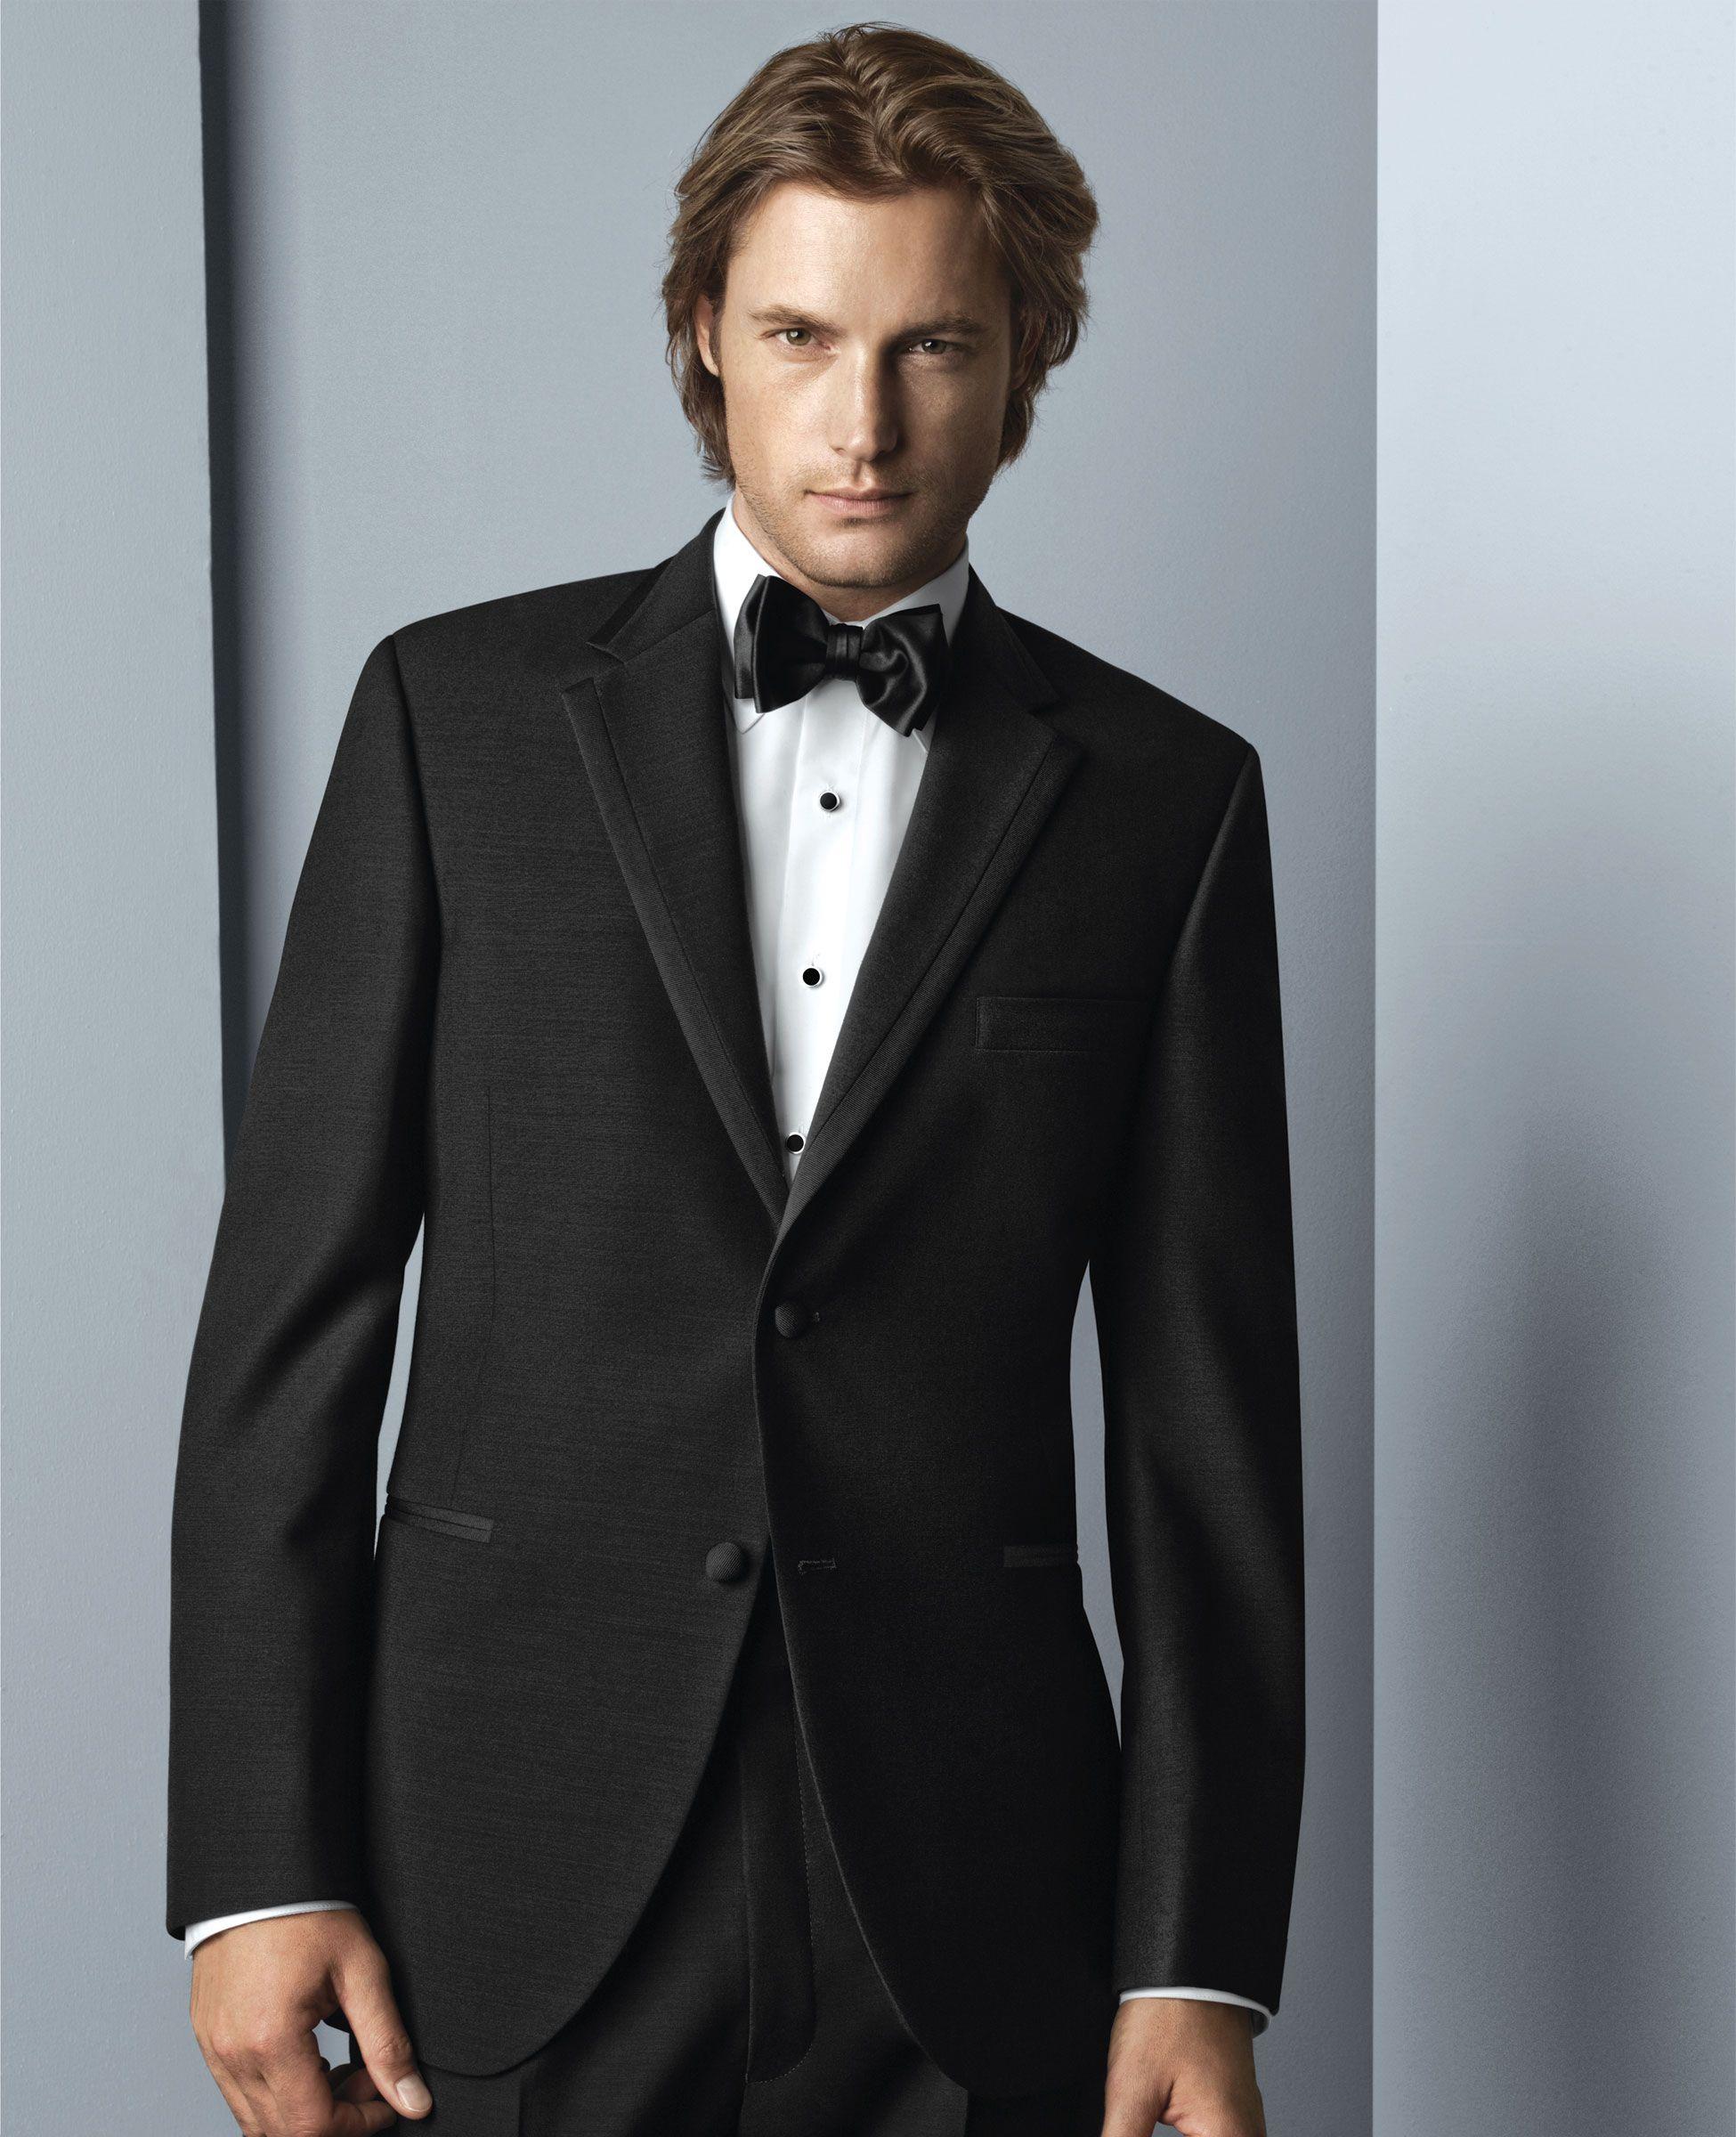 Calvin Klein Tuxedo #tux #formal